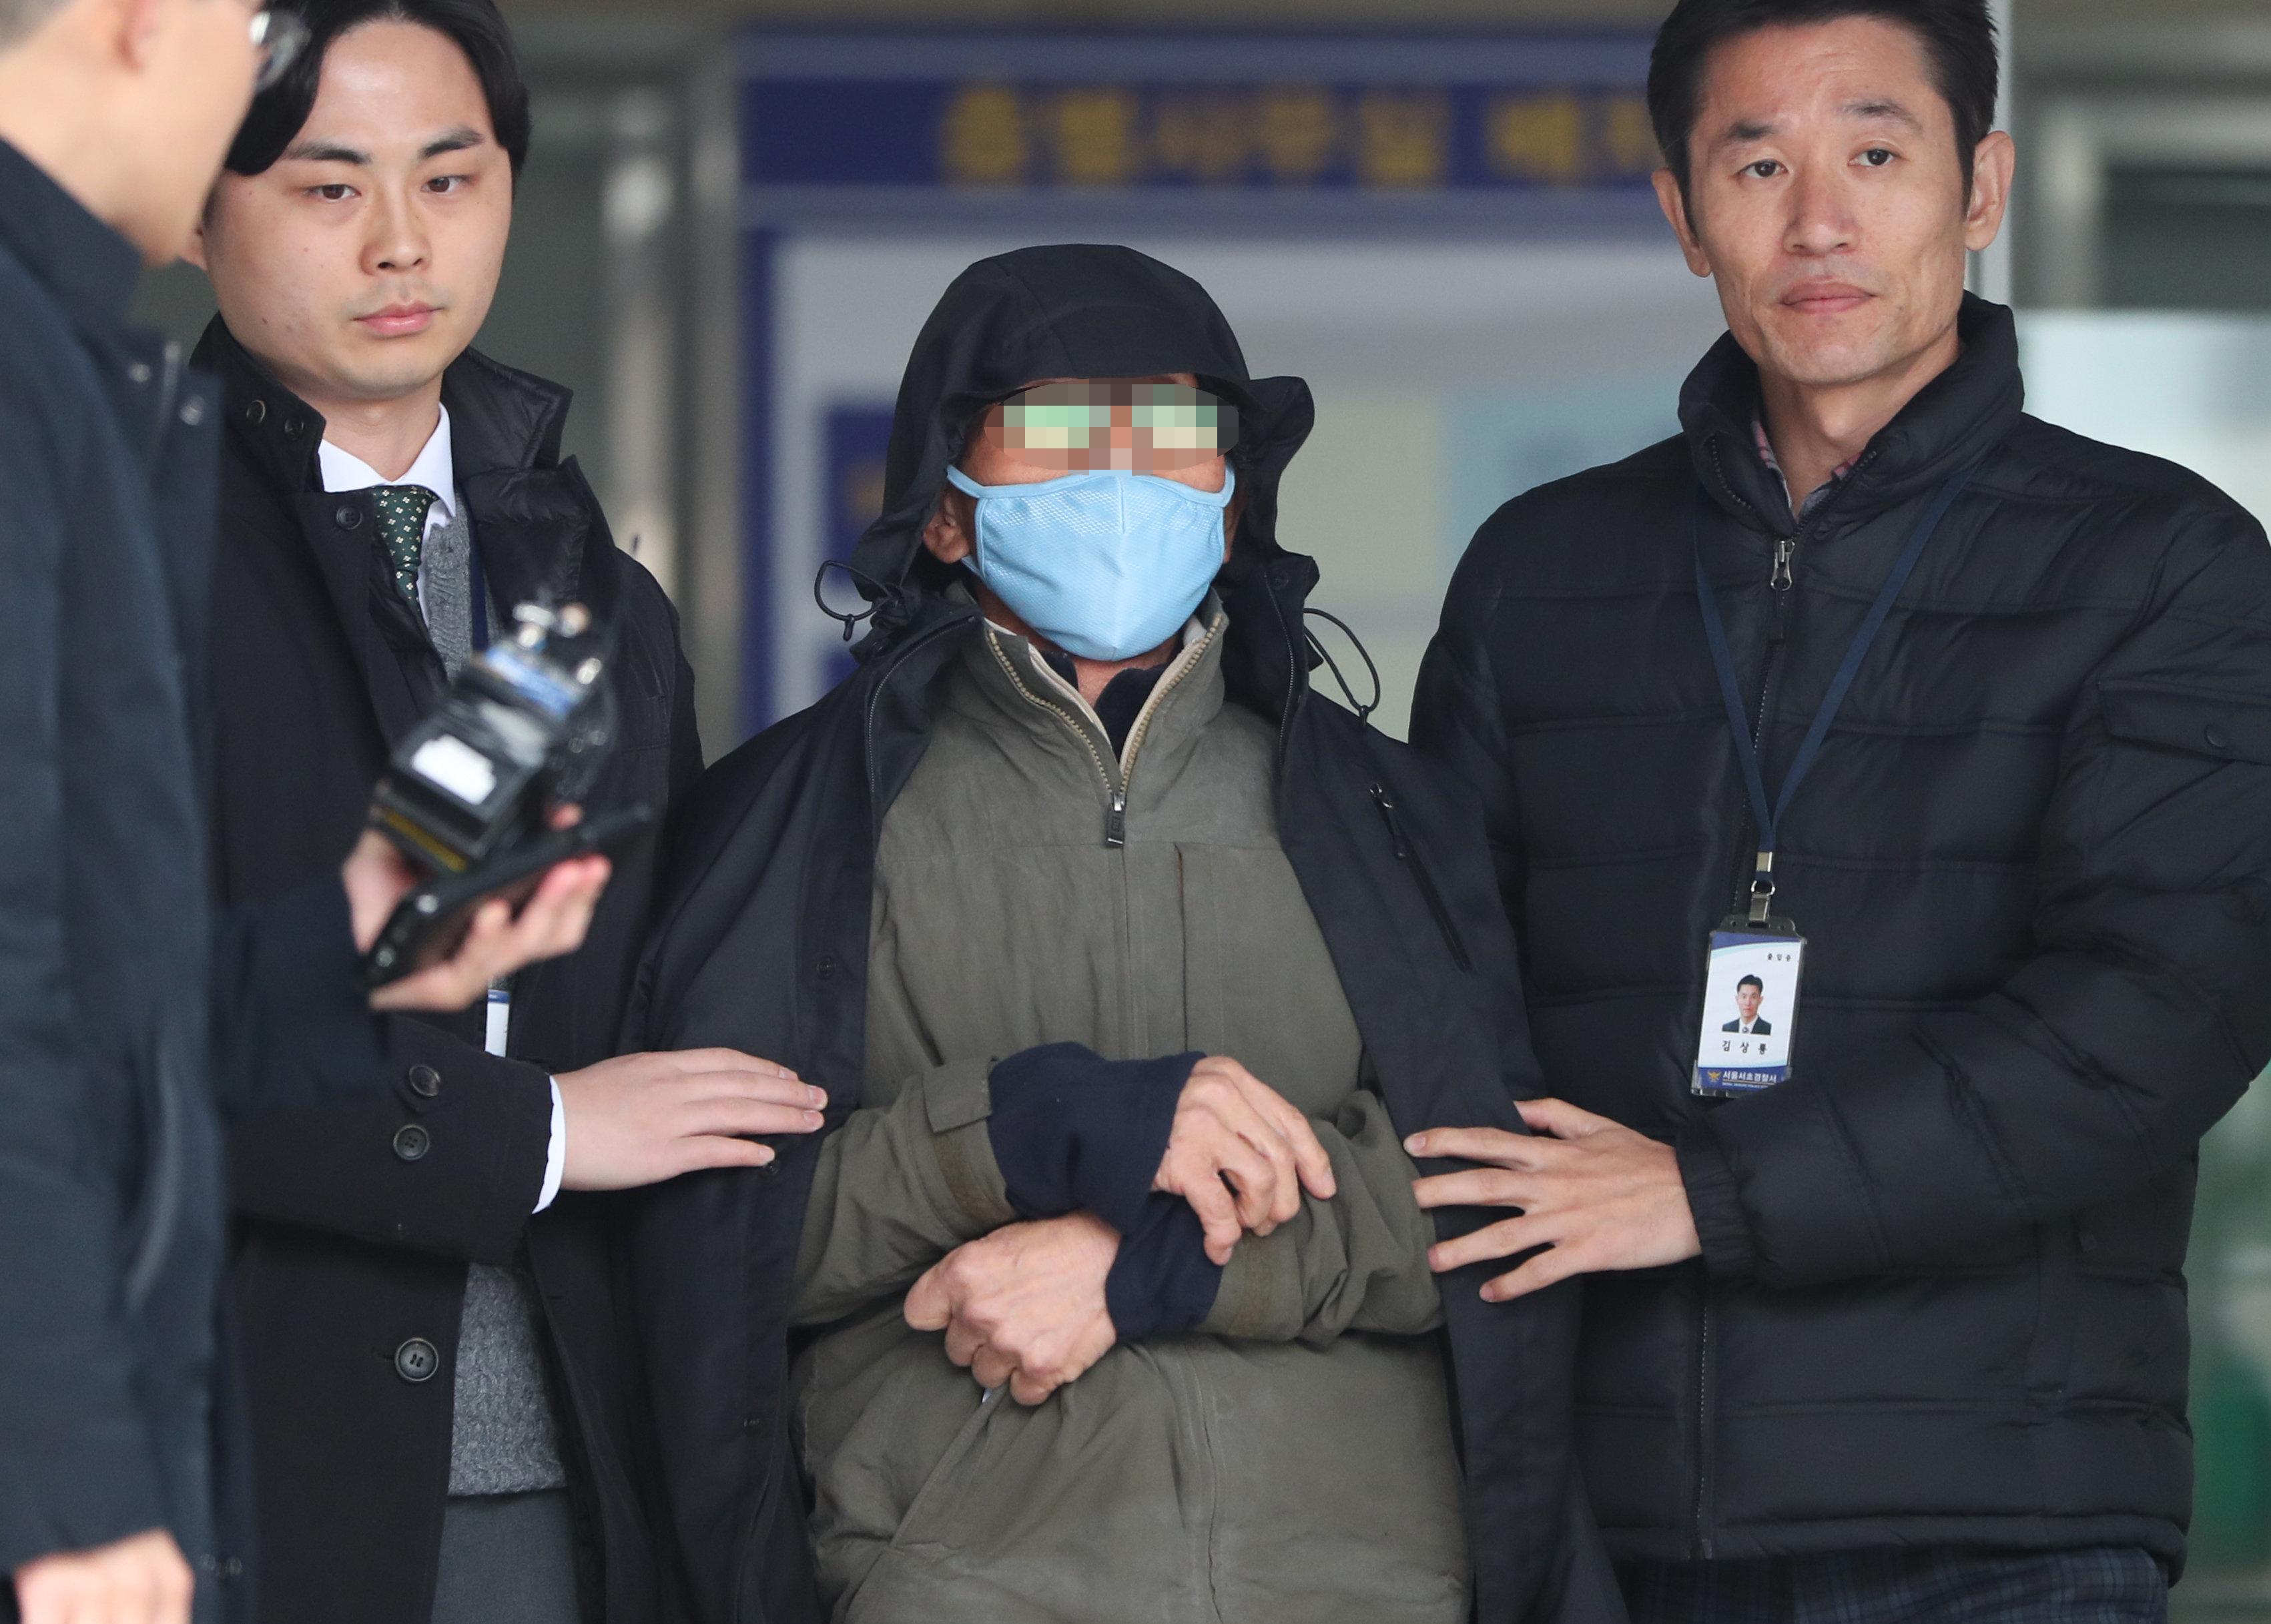 김명수 대법원장 차량에 화염병 던진 70대 남성이